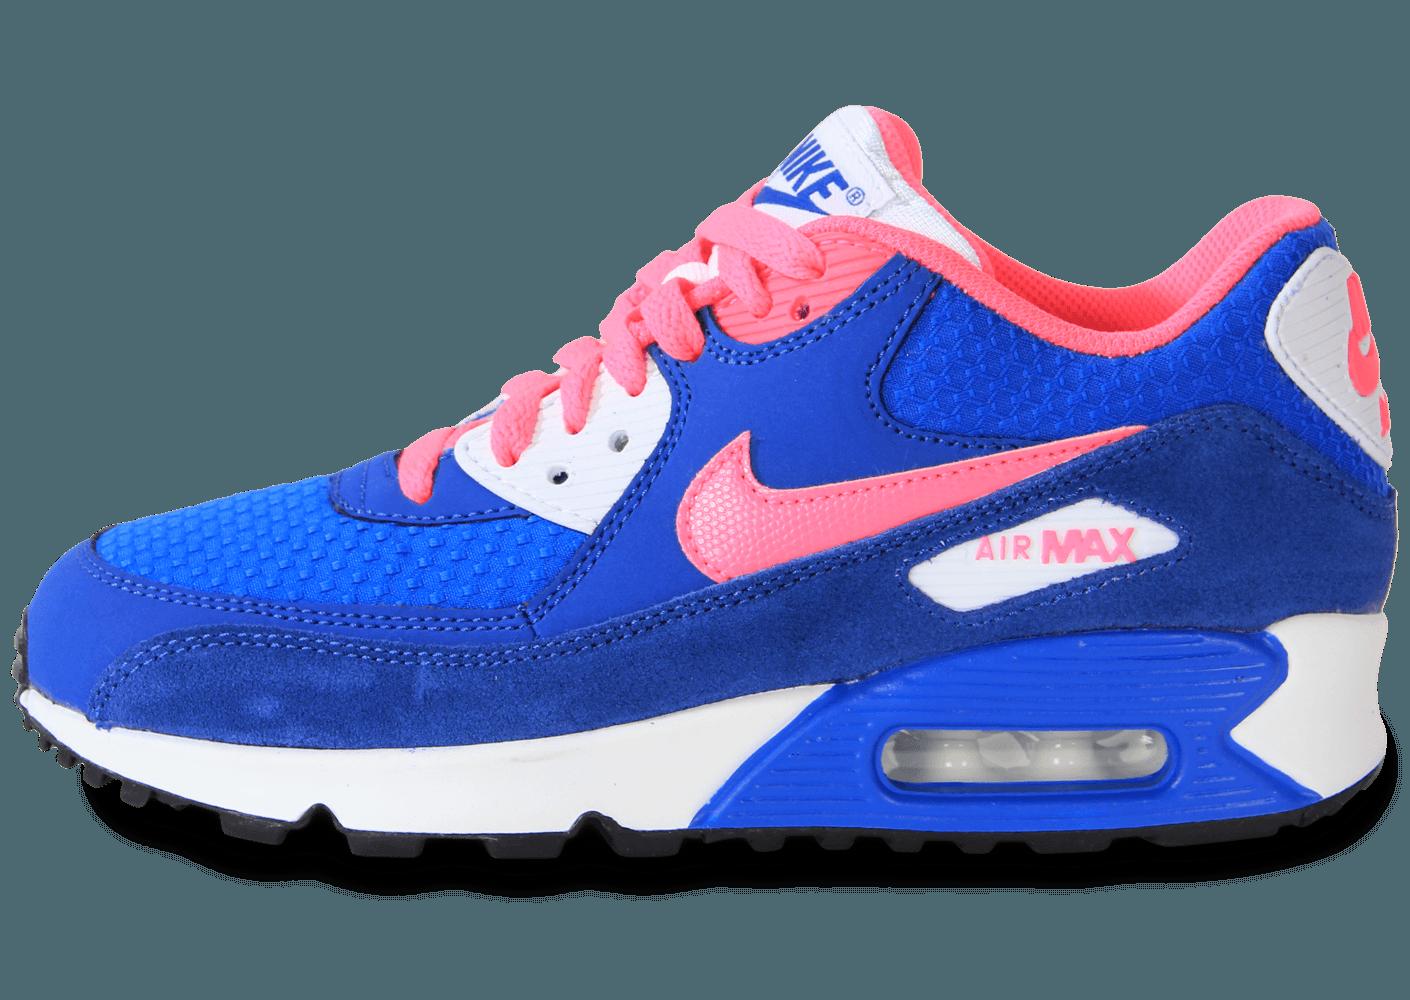 air max bleu rose,Cliquez pour zoomer Chaussures Nike Air